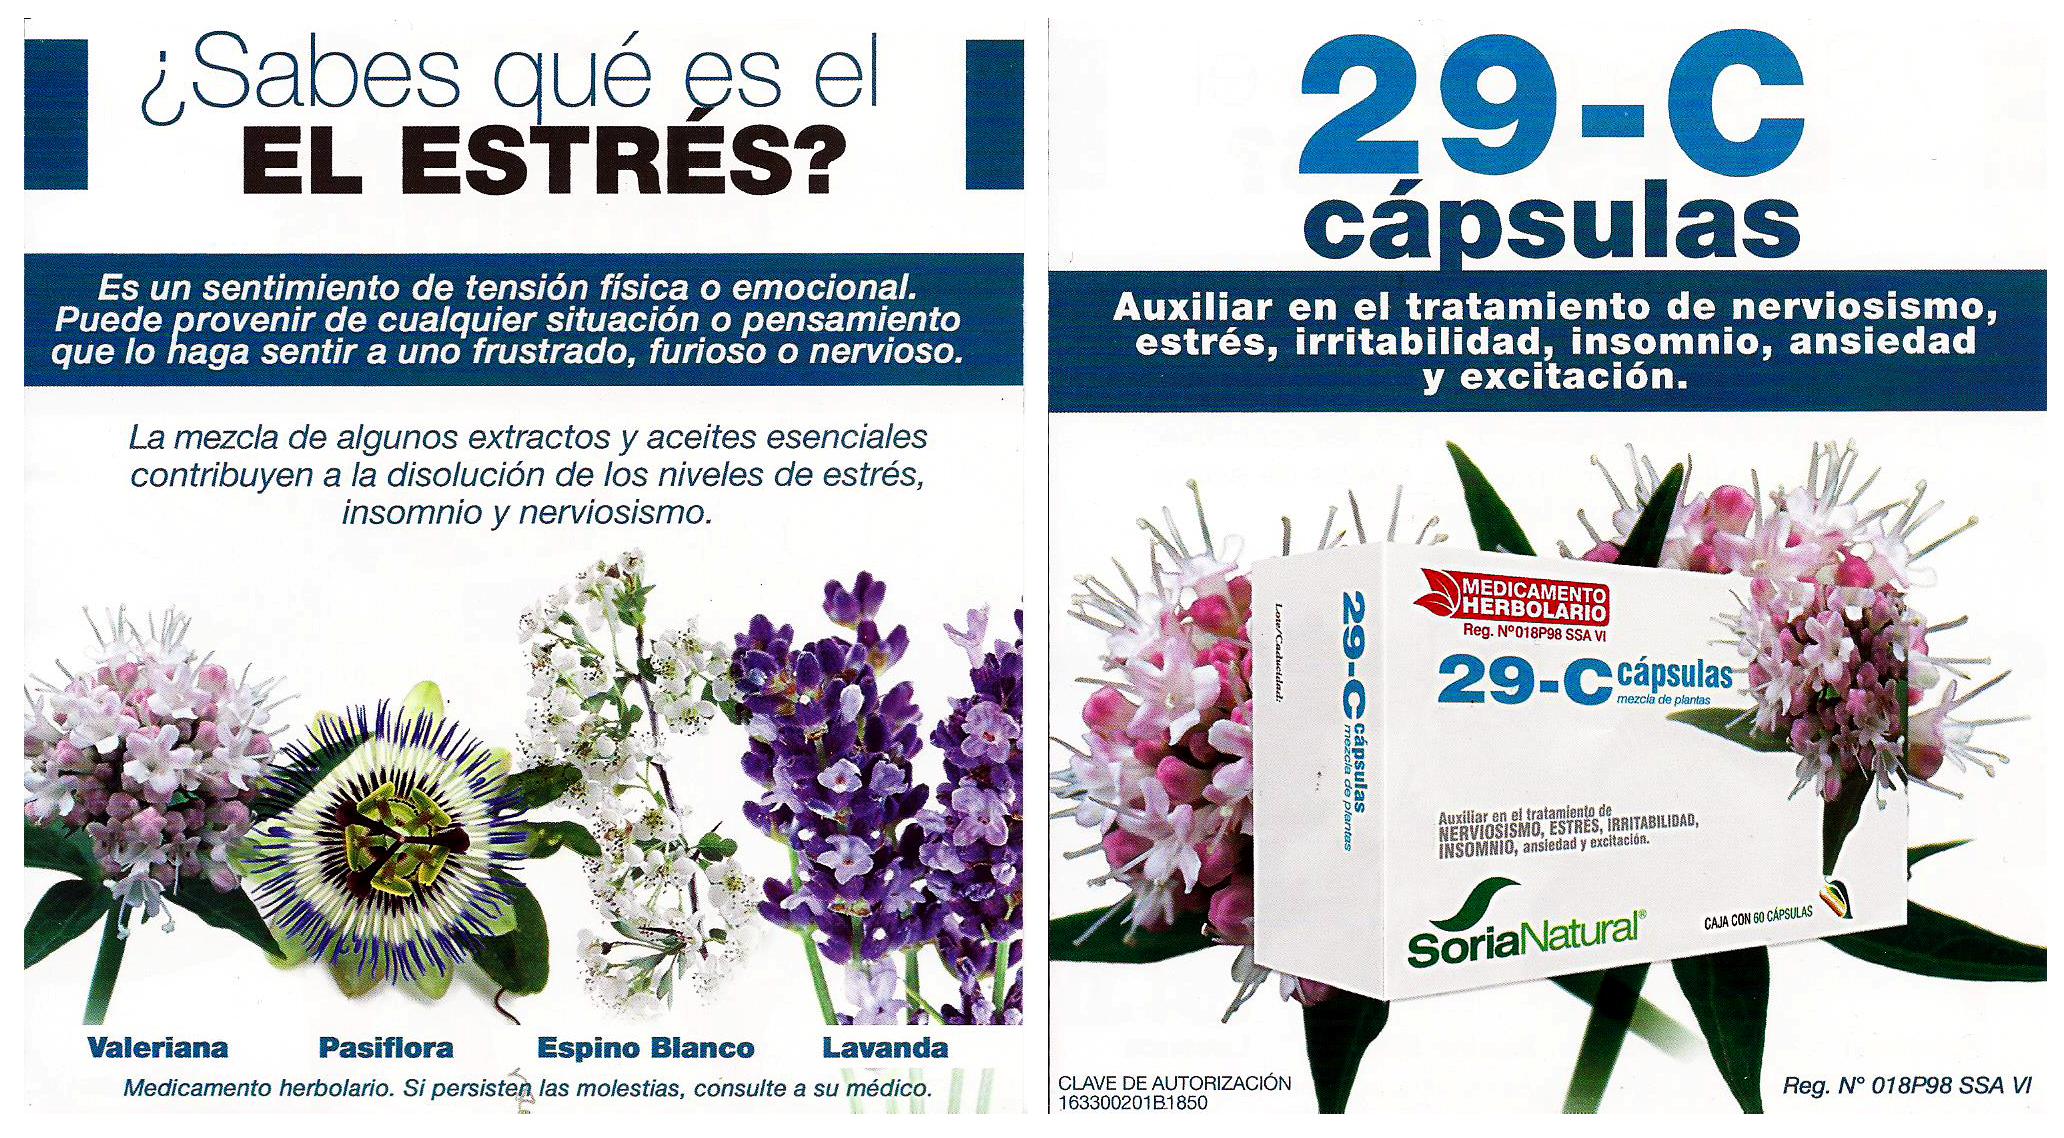 flyers-impresos-guadalupana-1-dic-160001y2